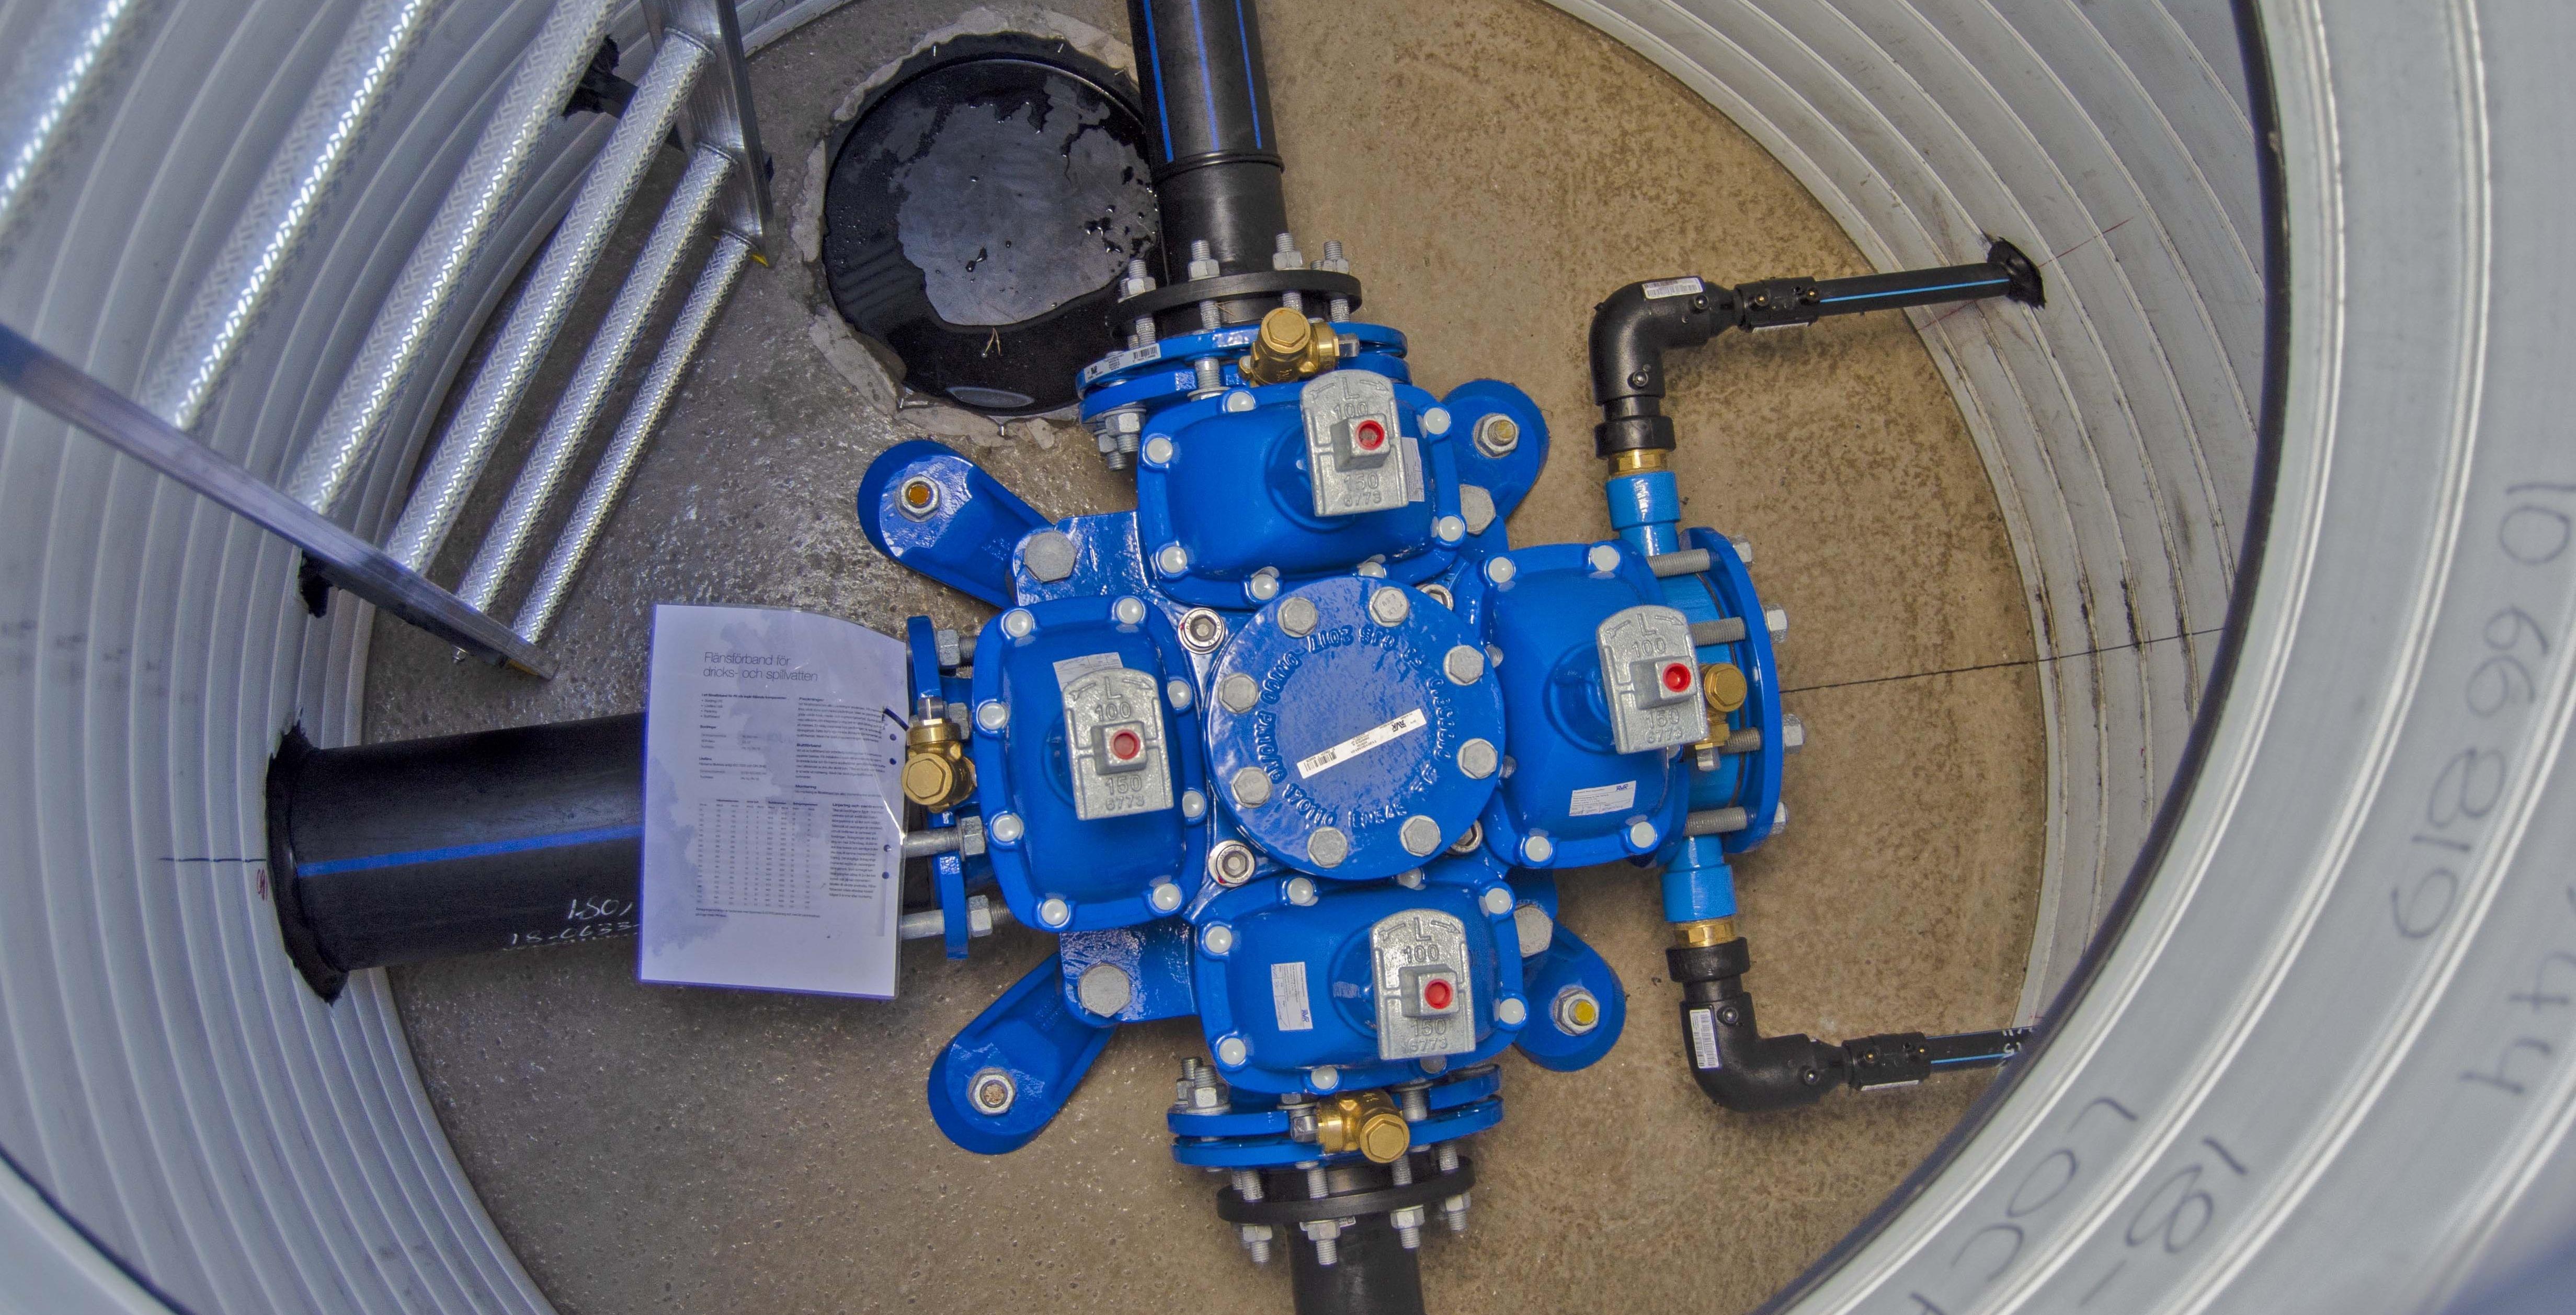 Tette kummer forhindrer inntrengning av grunnvann eller sjøvann. På den måten blir ikke armatur påvirket med tanke på korrosjon.